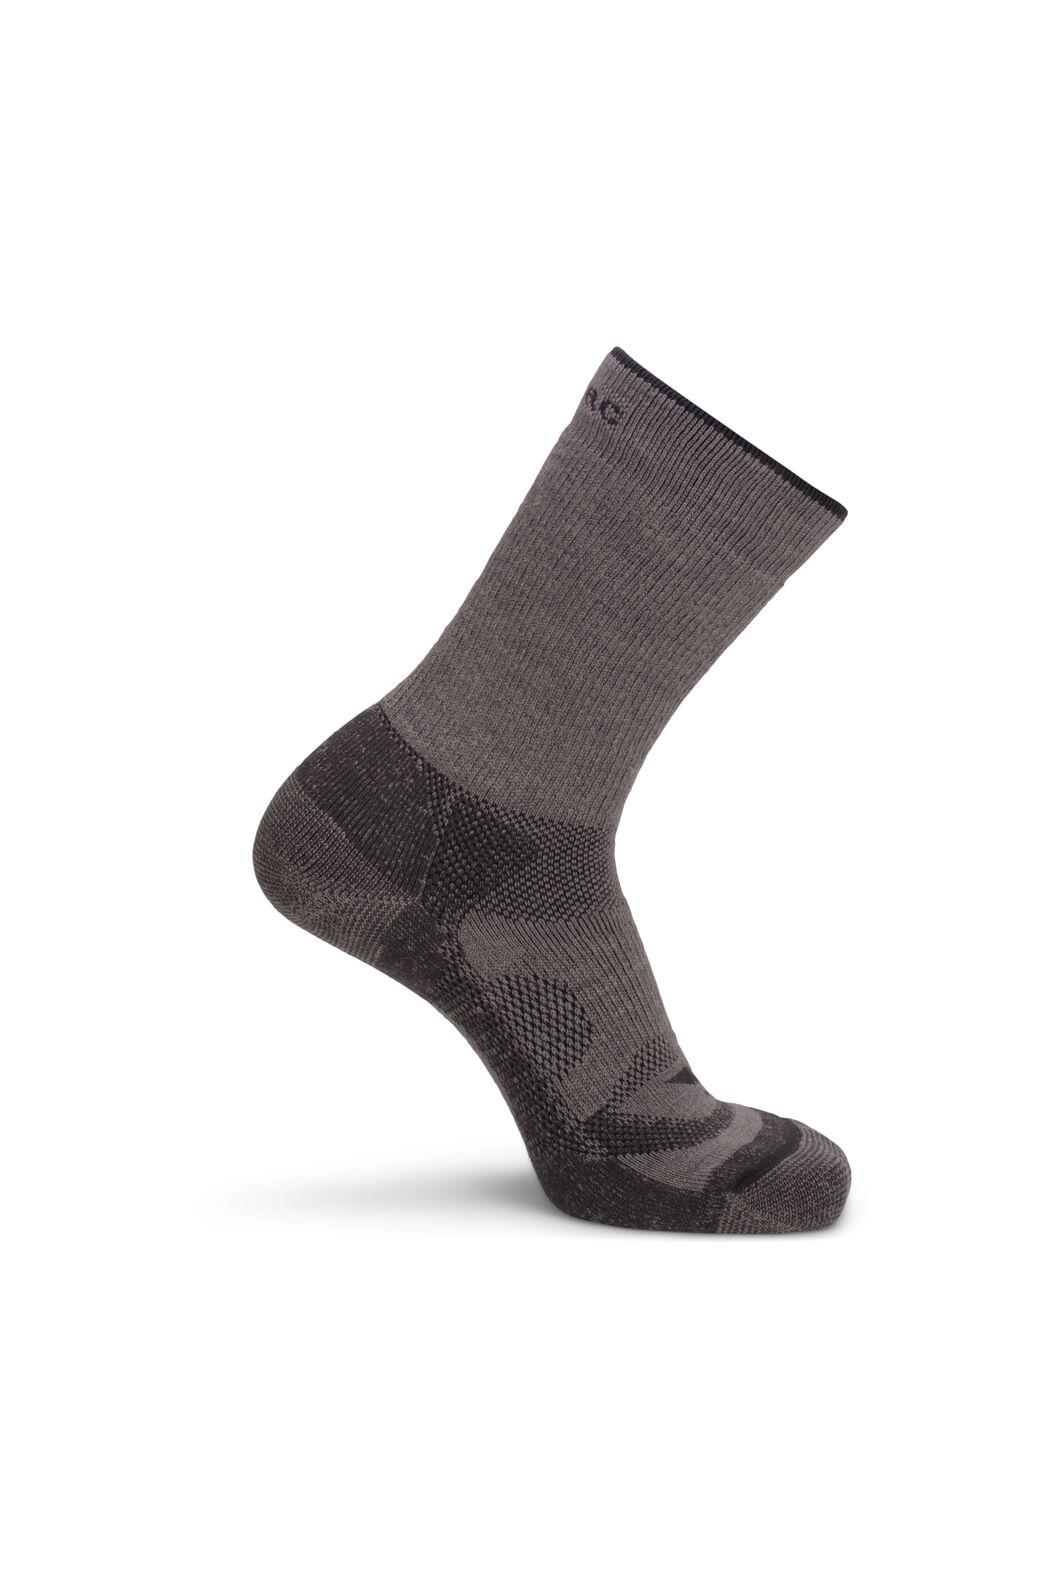 Macpac Merino Hiking Sock, Fallen Rock, hi-res